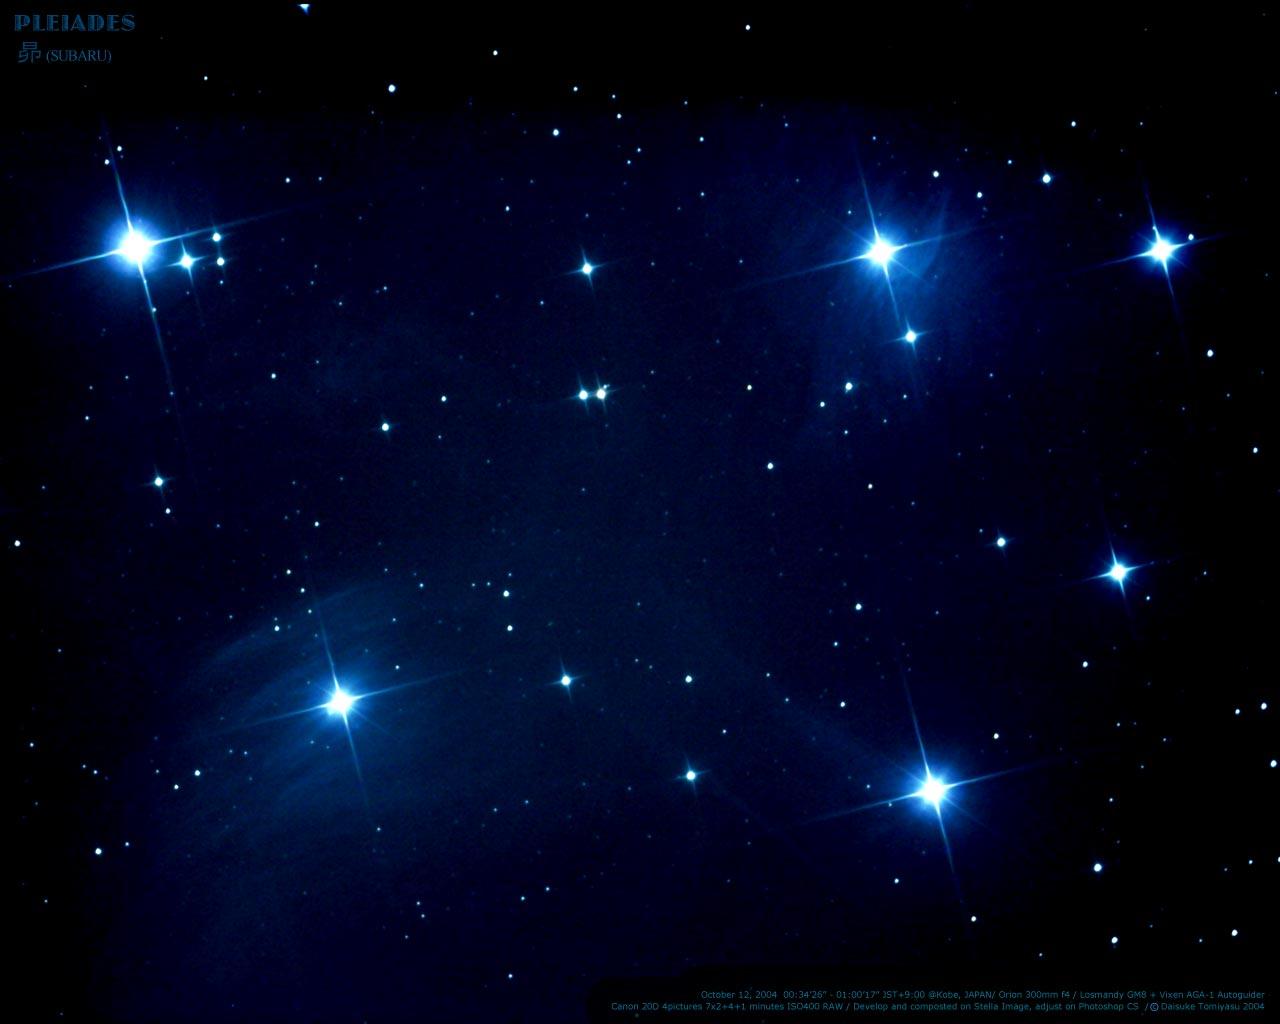 星座座射手的宠物十二星座的样子图片